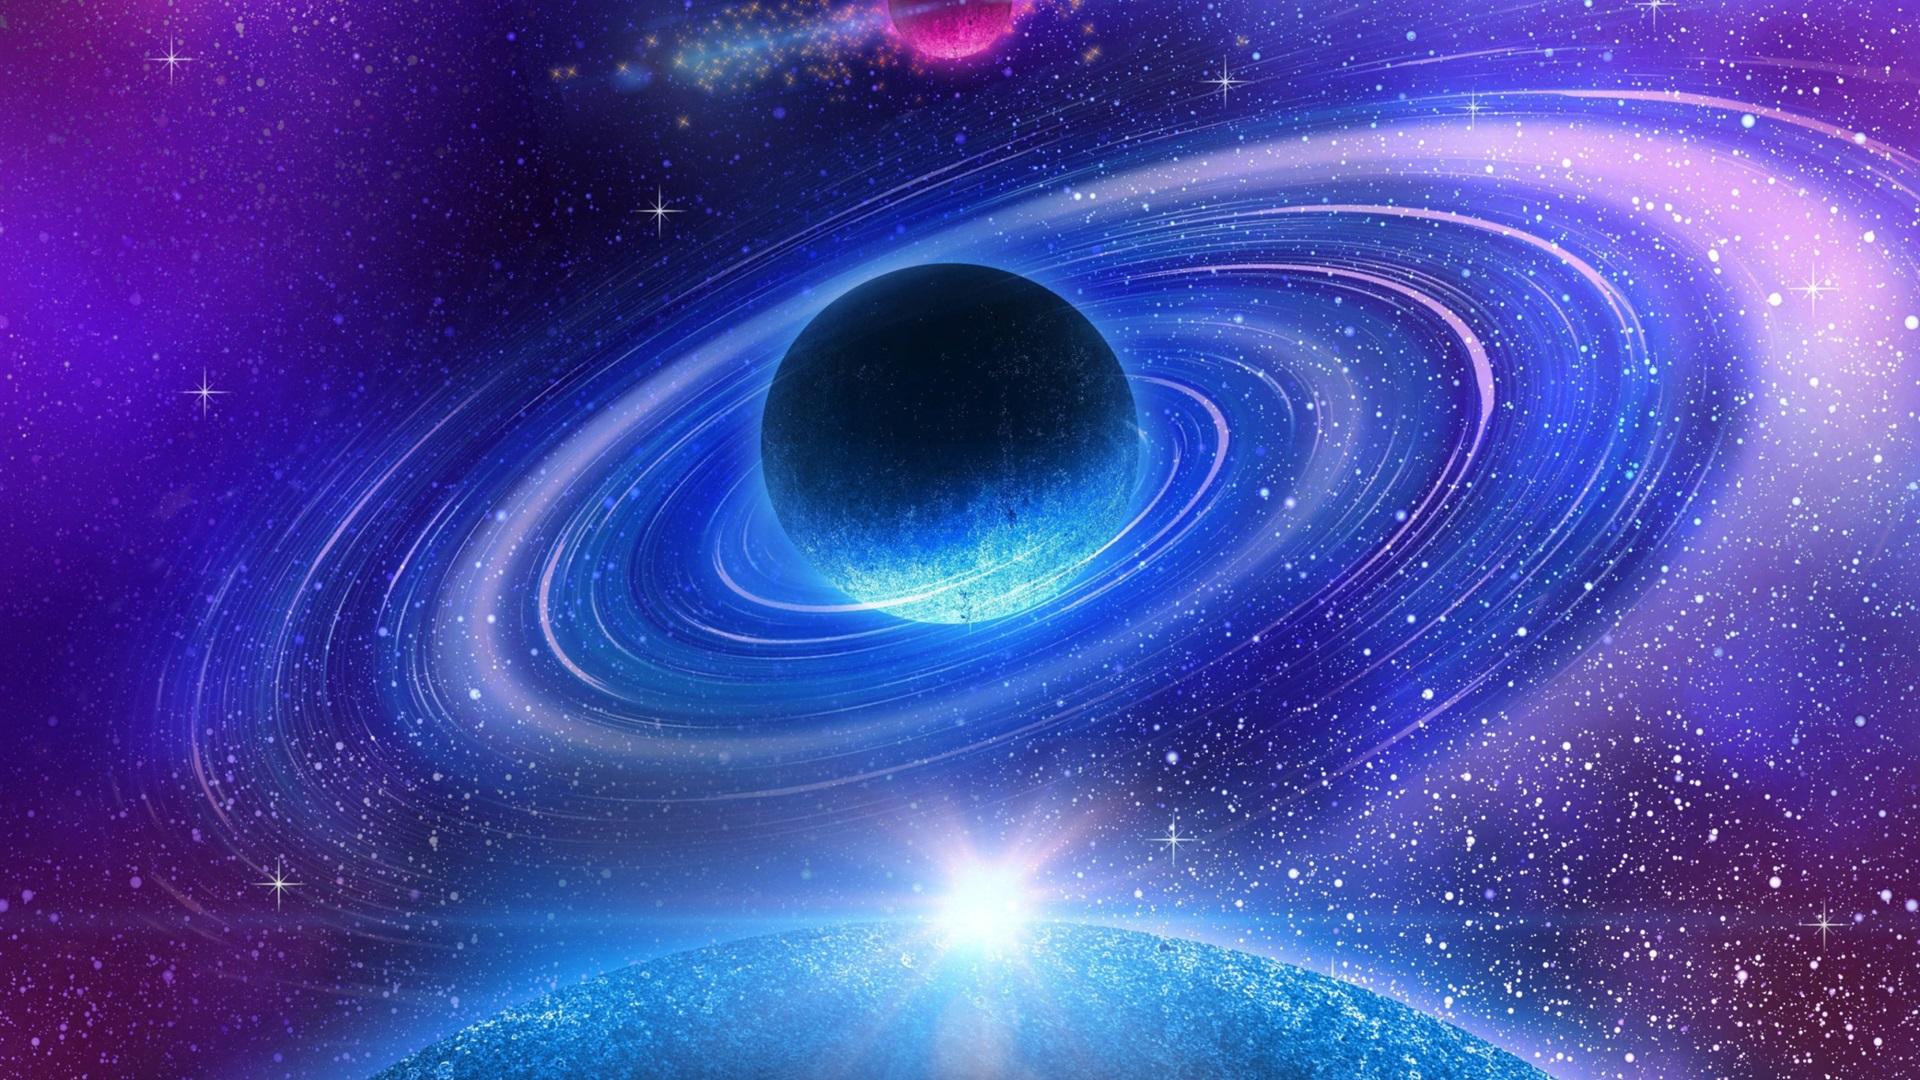 Wallpaper Beautiful space, galaxy, nebula, planet, stars ...